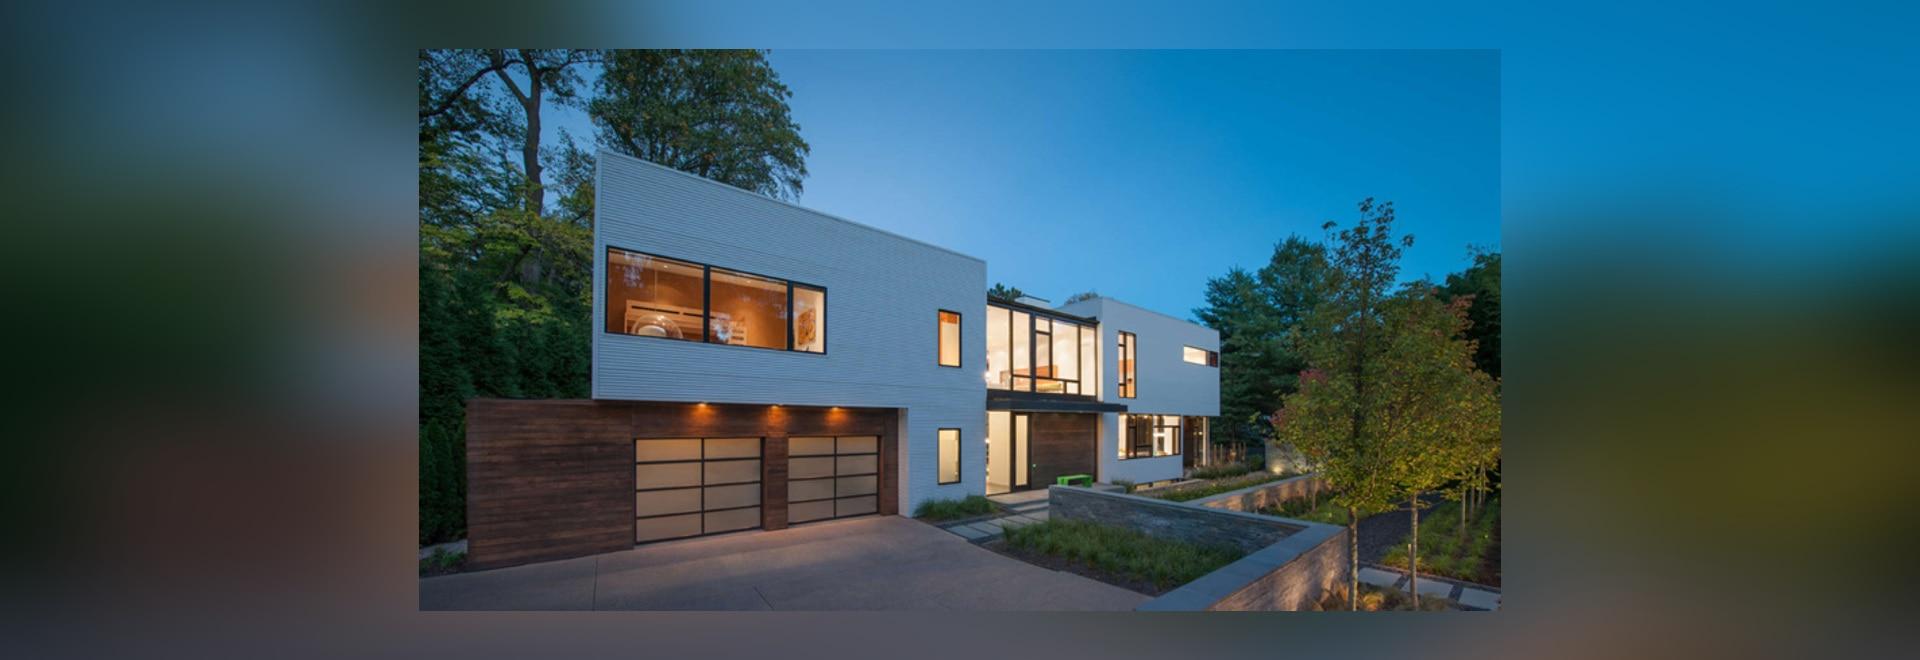 Rollbahre Robert-M. entwirft ein modulares Licht-Gefülltes Haus nahe ...